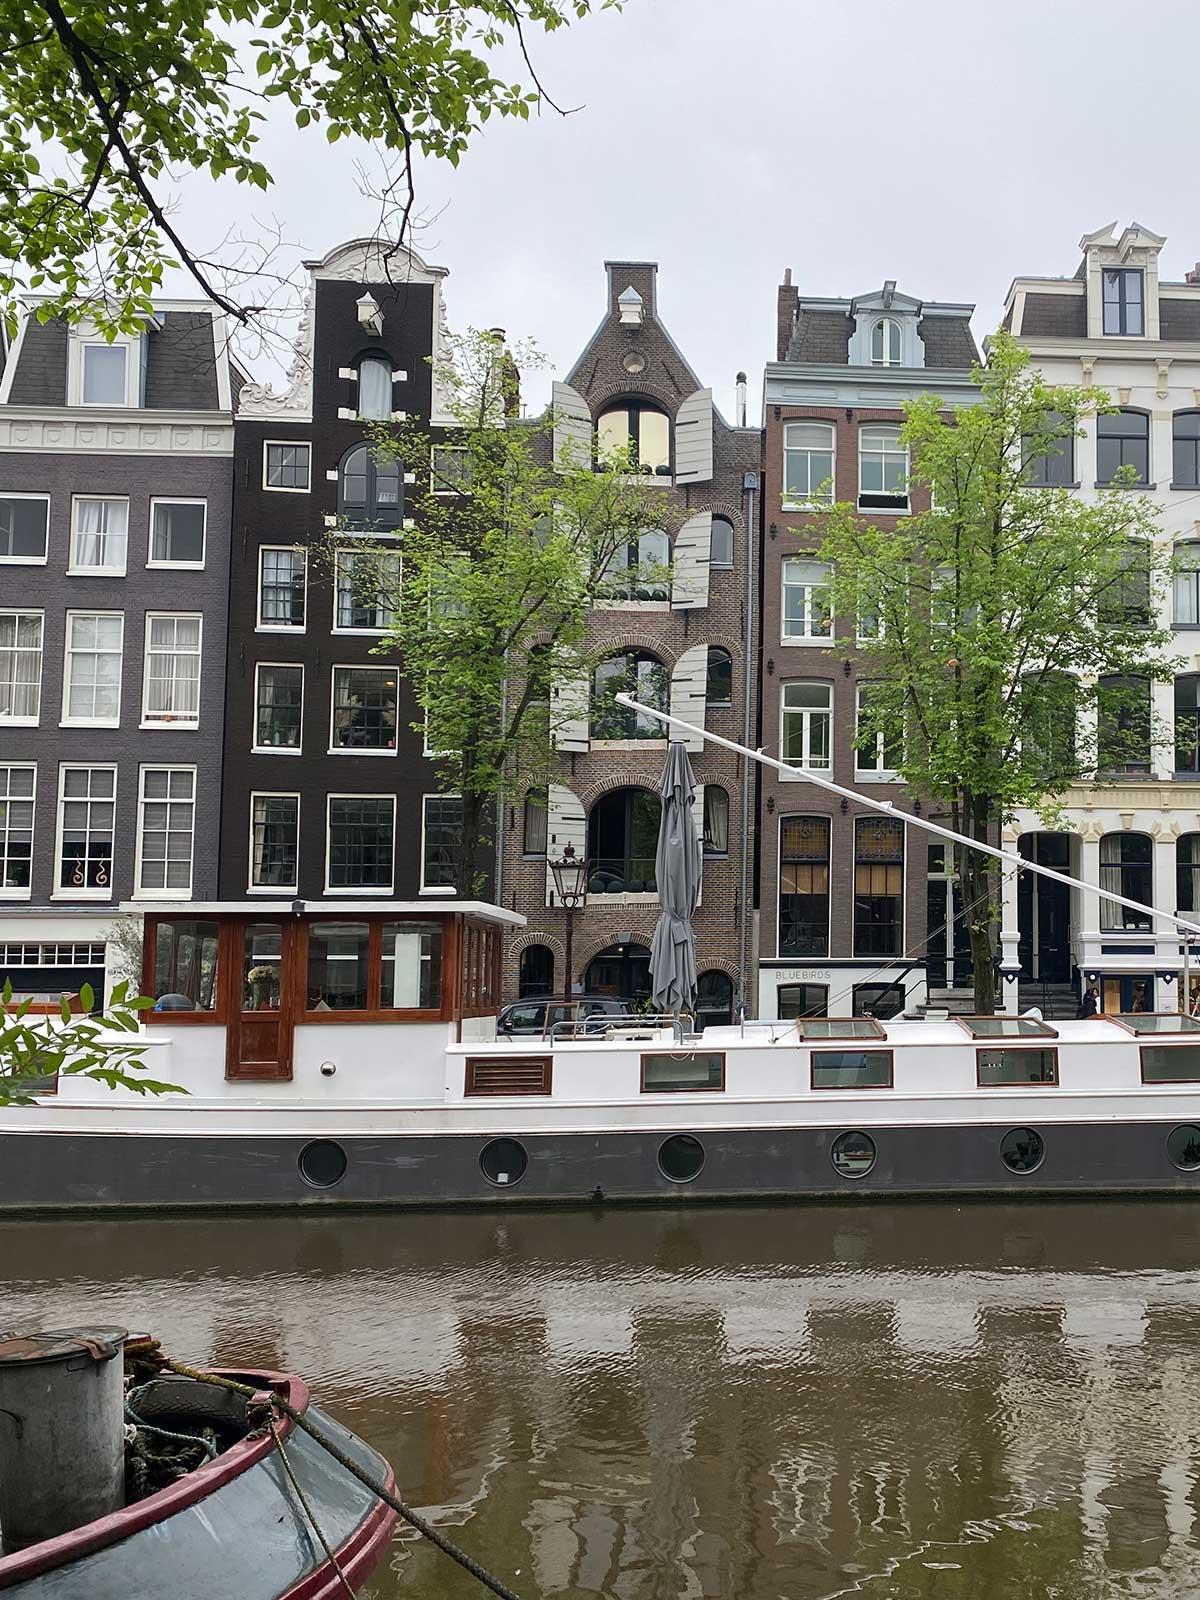 Annebet-Nolen-Locatie-Amsterdam-Prinsengracht